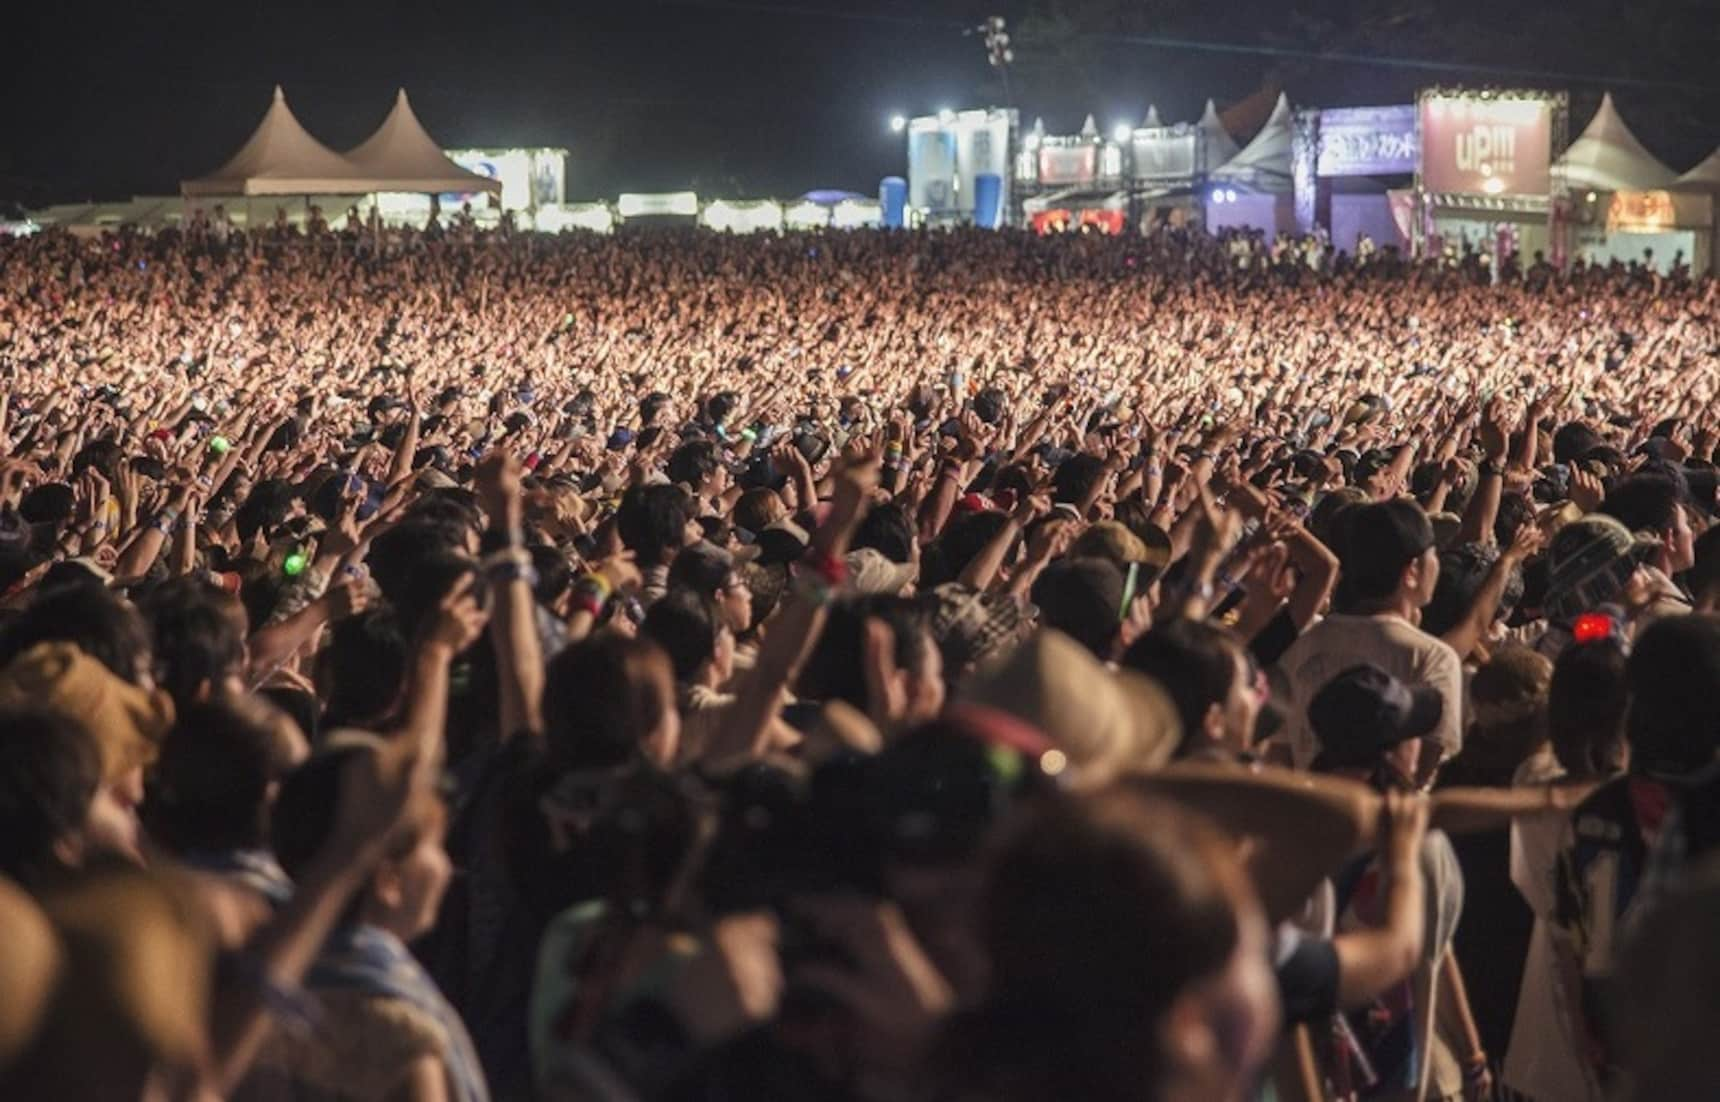 夏天到啦!带你玩转日本各大顶级音乐节